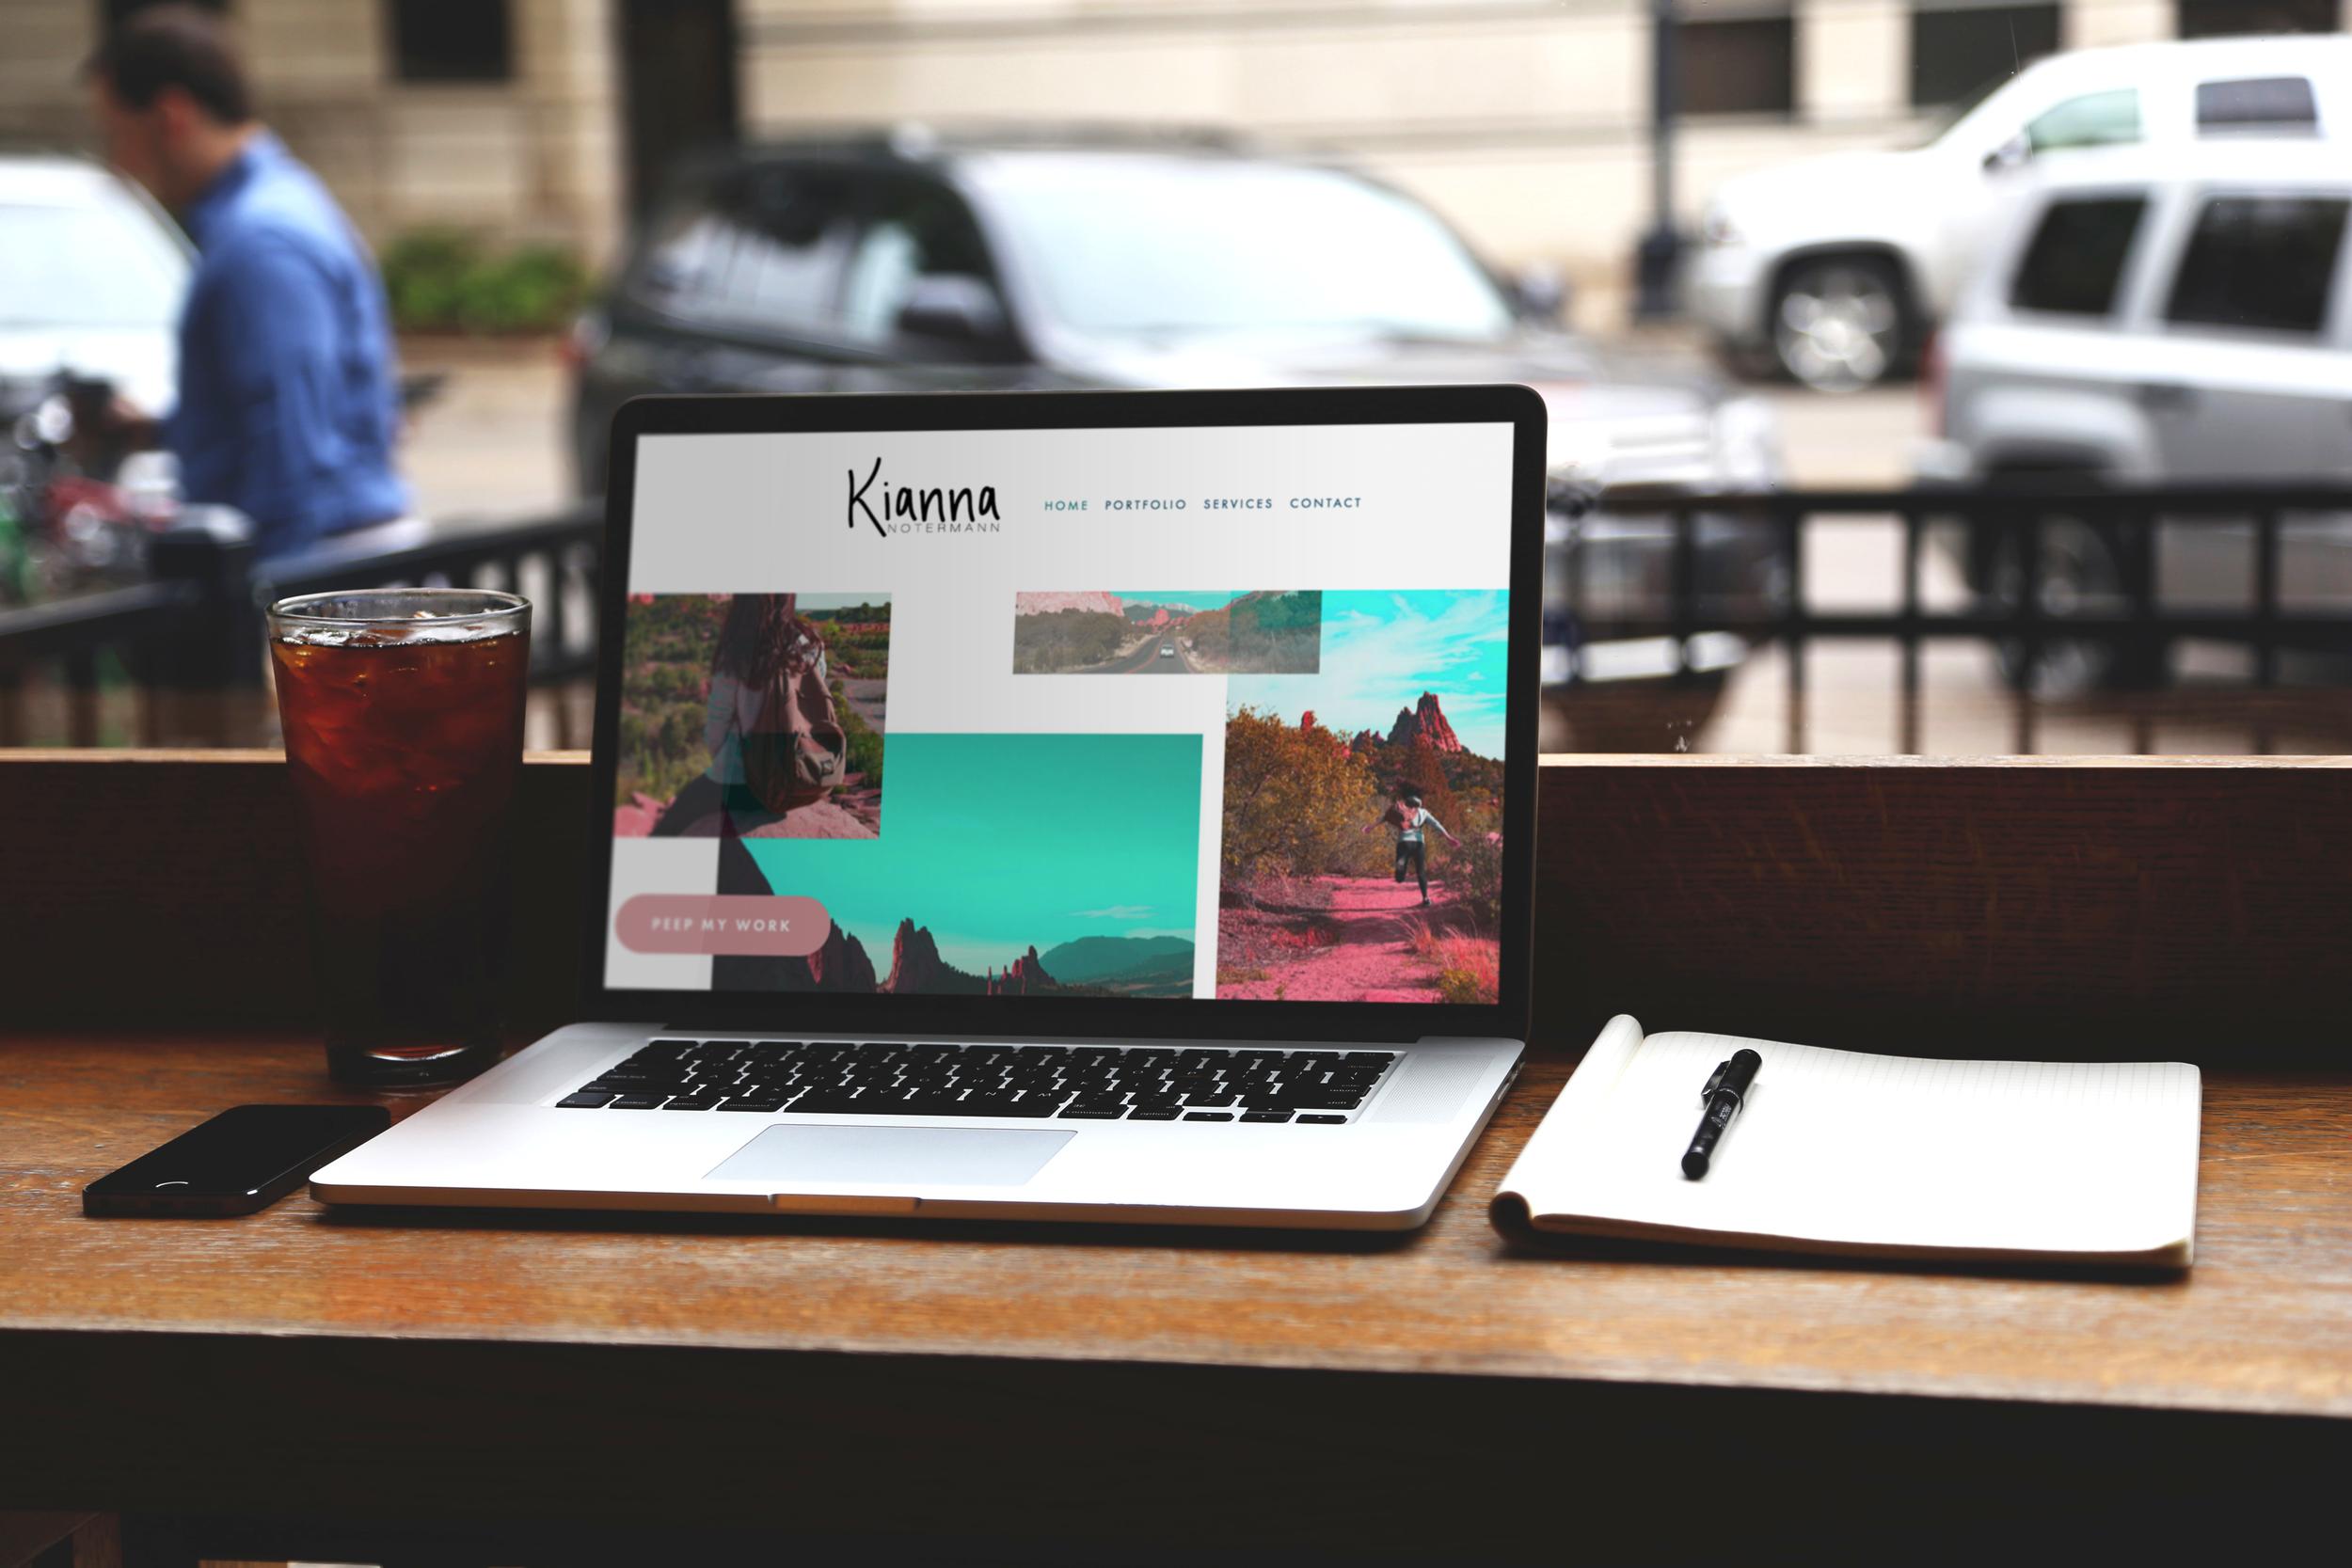 kianna_mockup_site.jpg